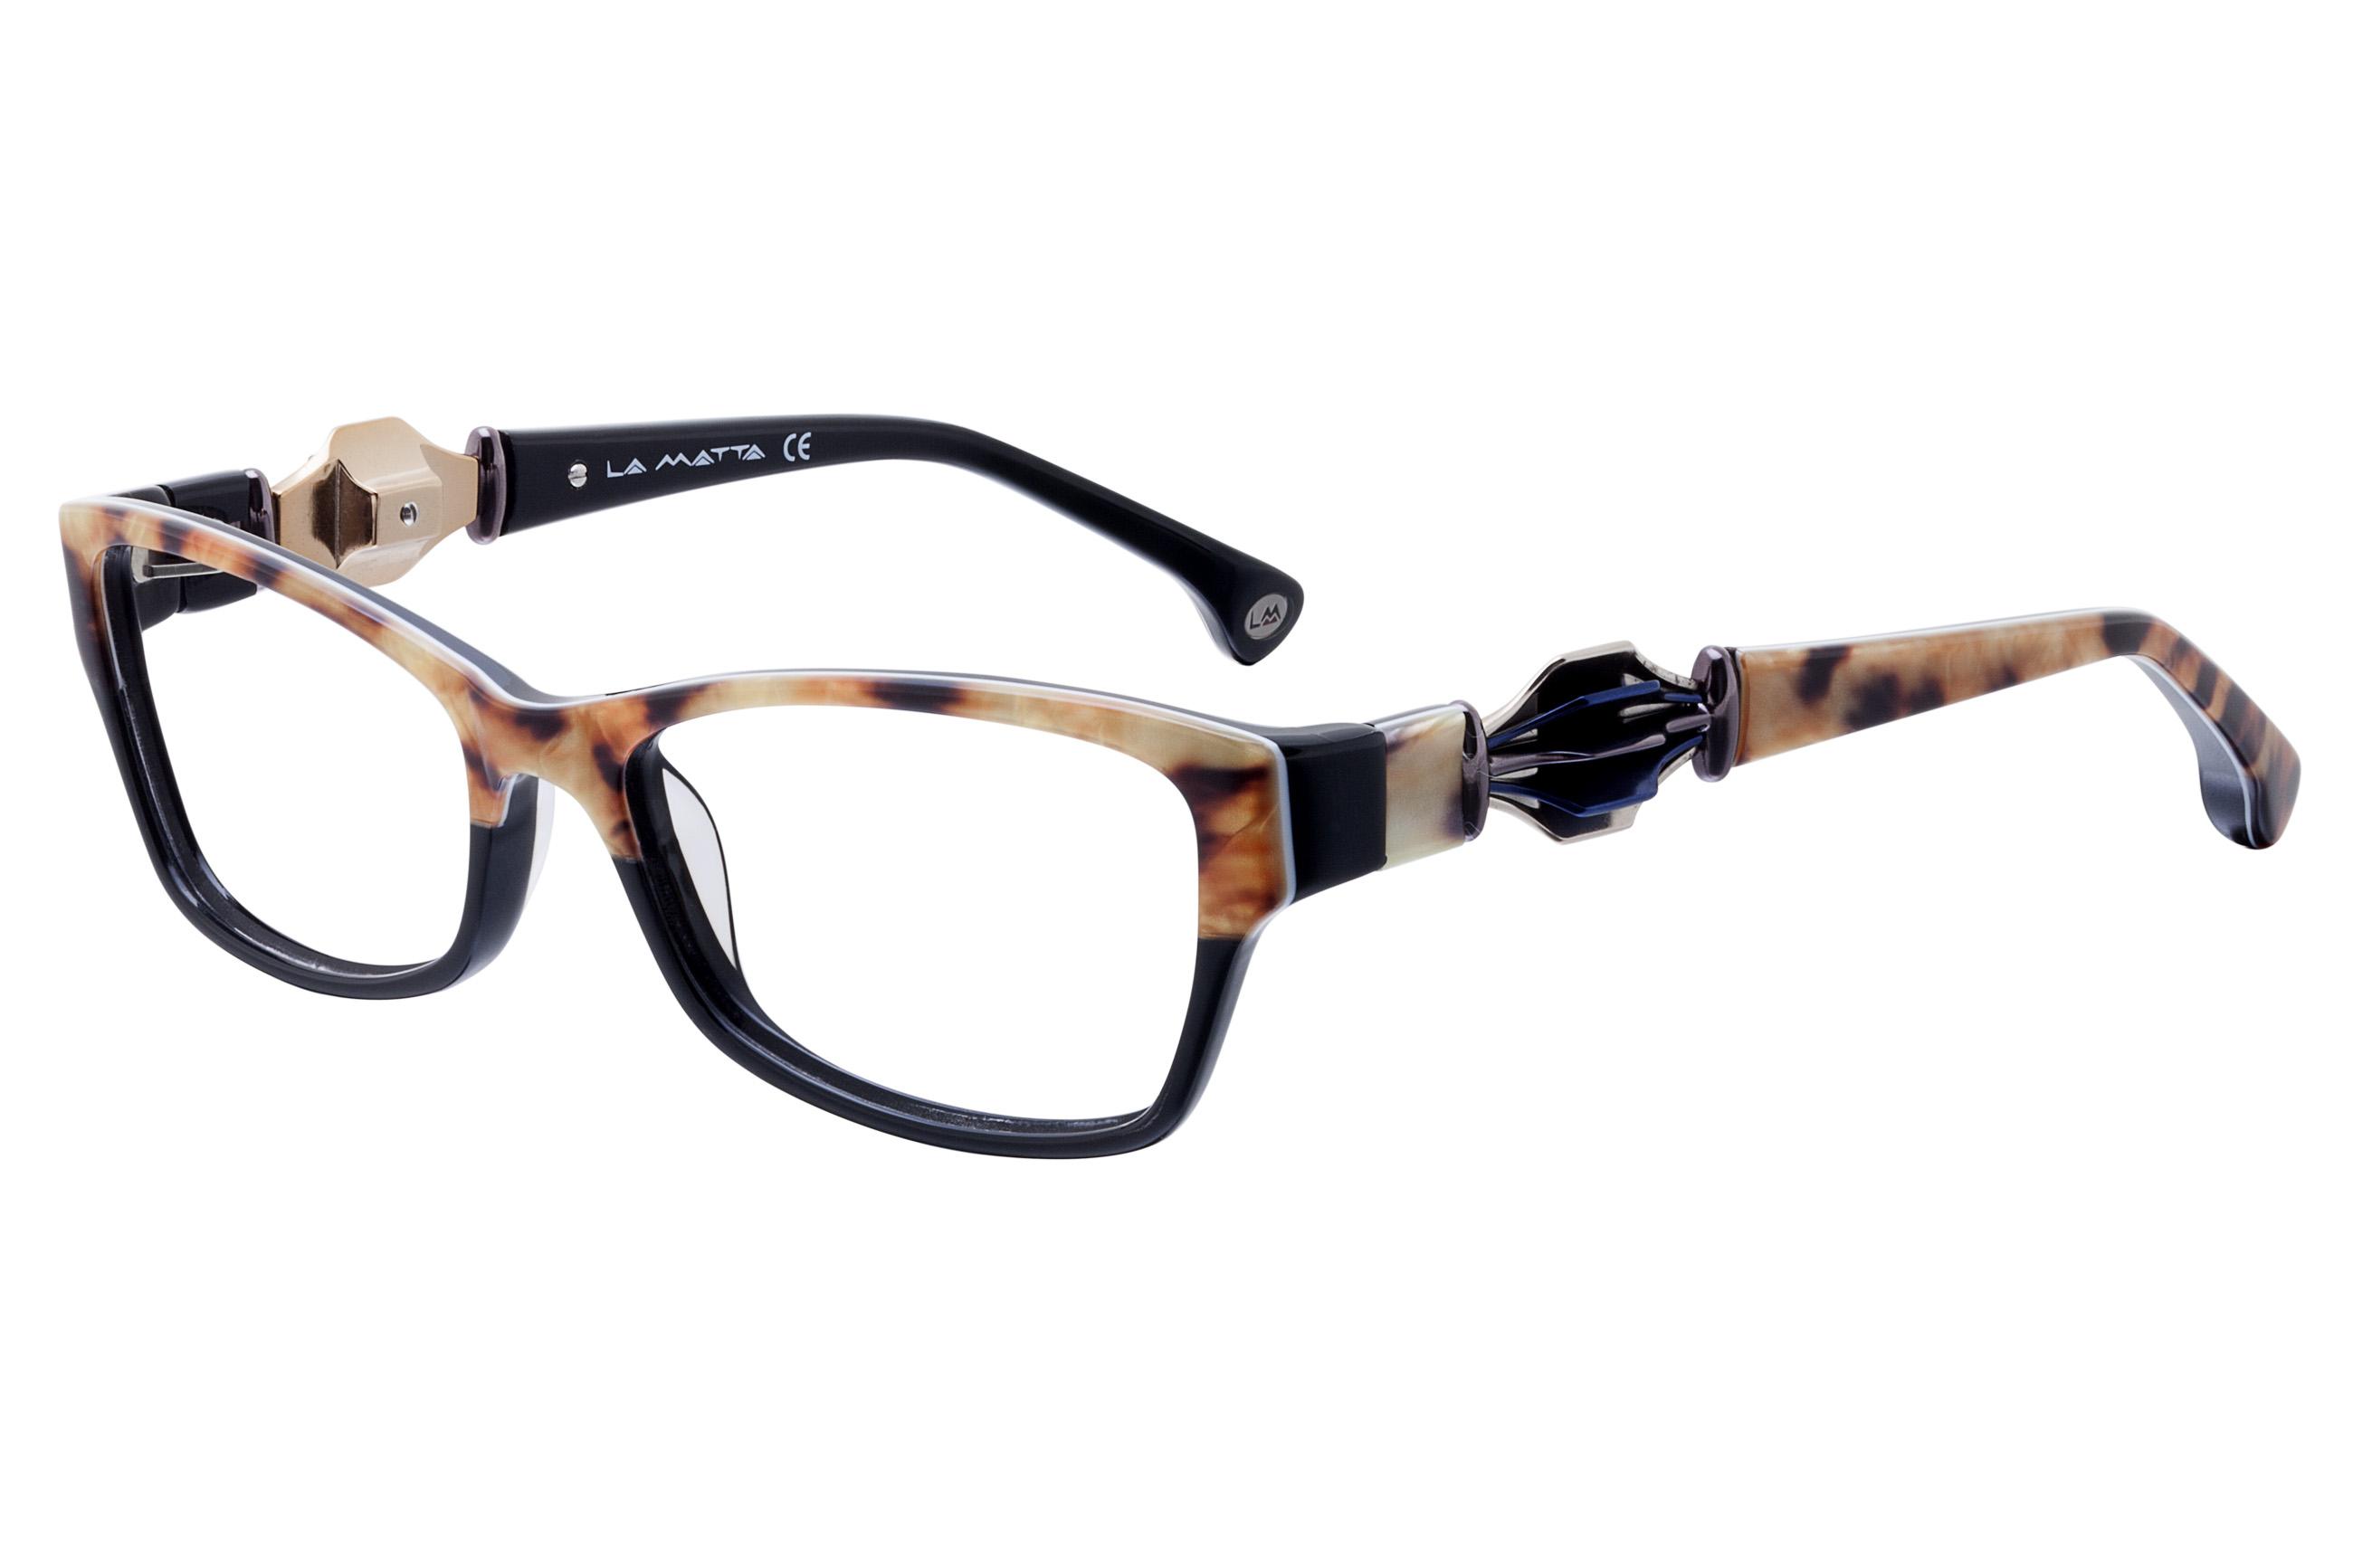 la matta lmv 3169 venezia oro occhiali venice eyewear